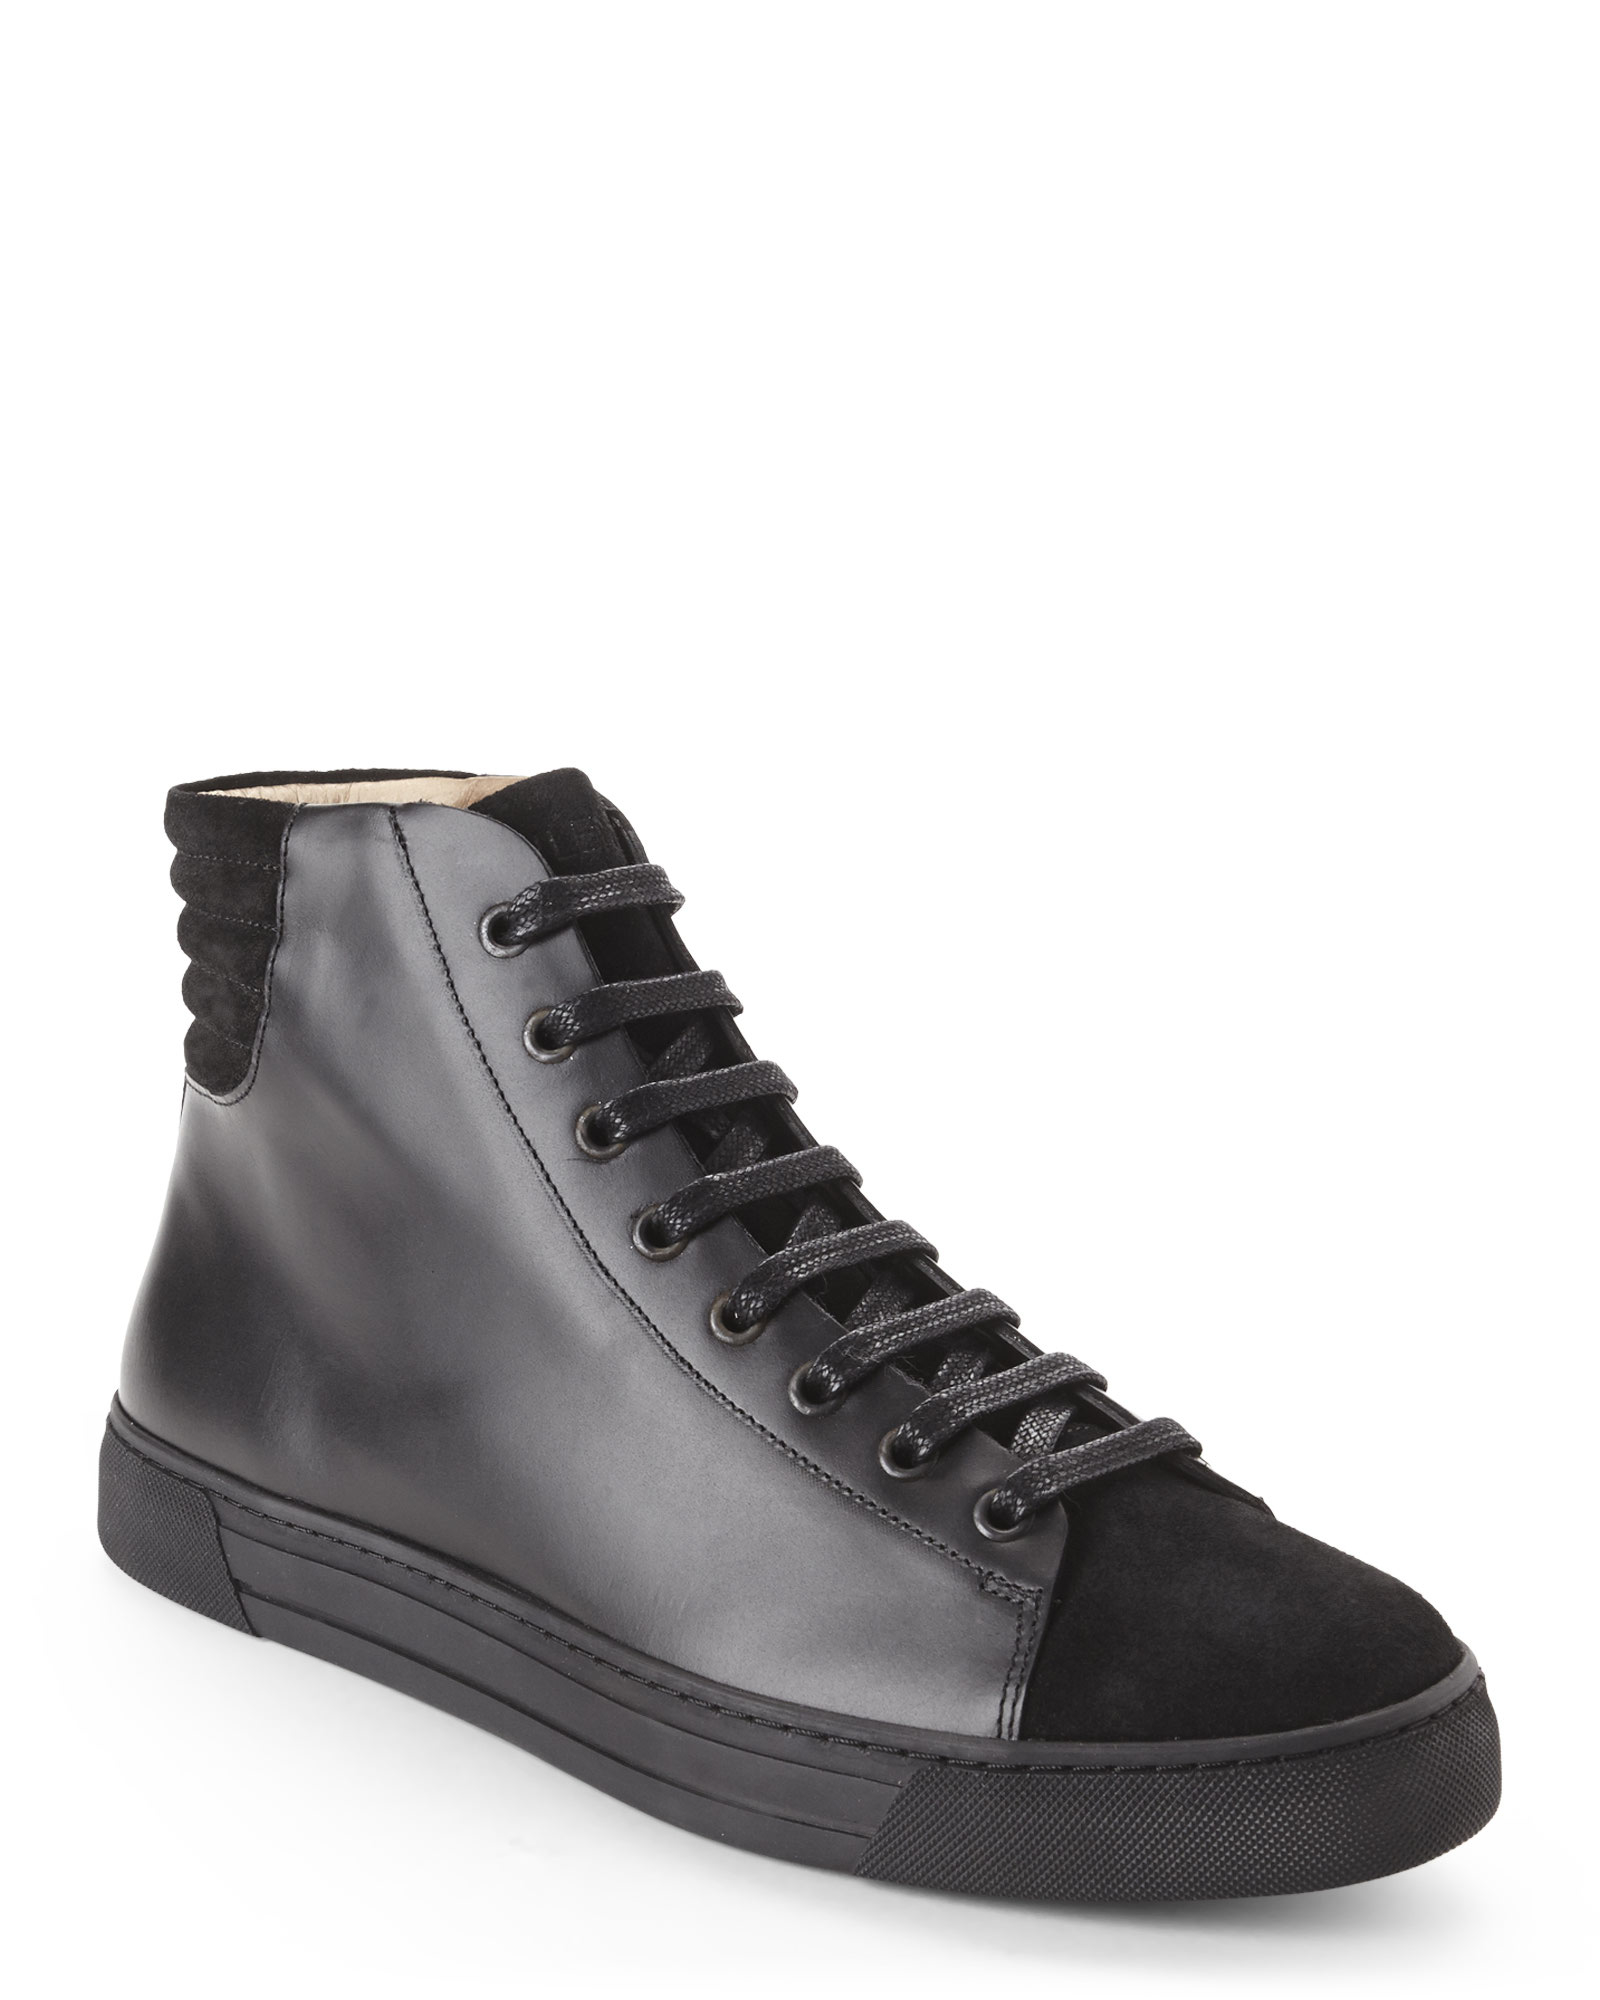 Shoes Adidas Mens Haven Black Friday Originals F31lTcKJ